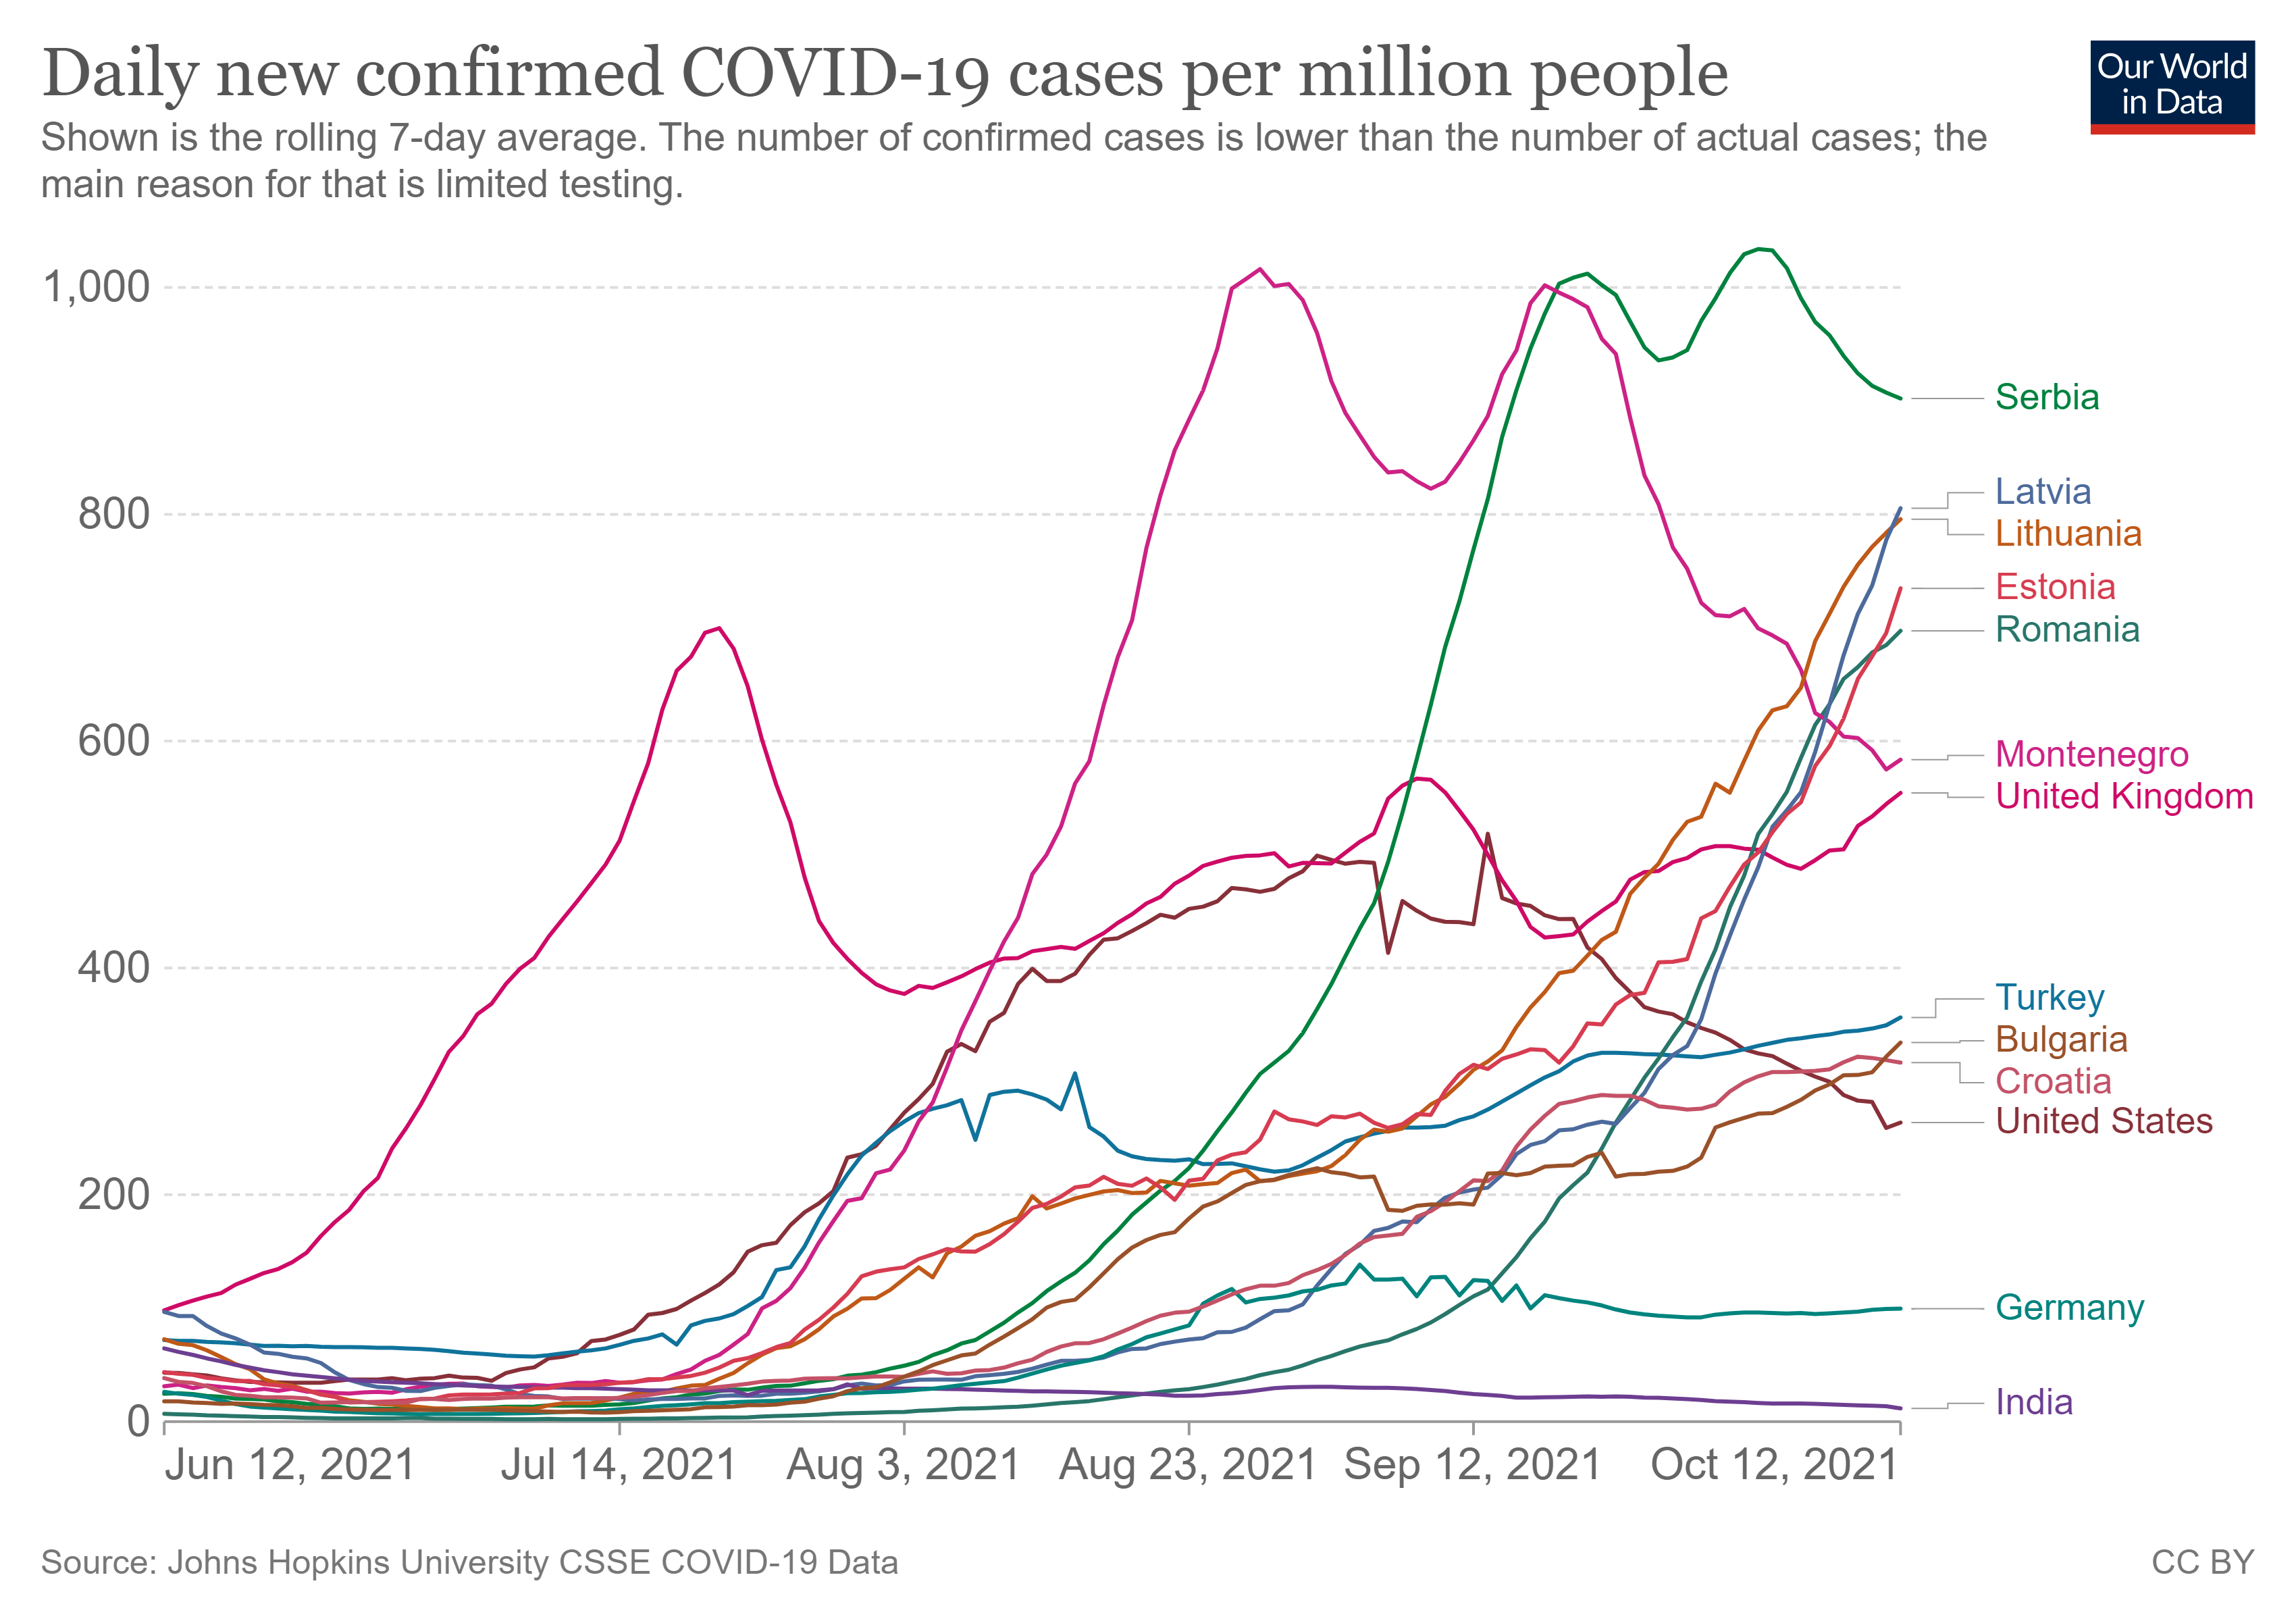 coronavirus-data-explorer (14)